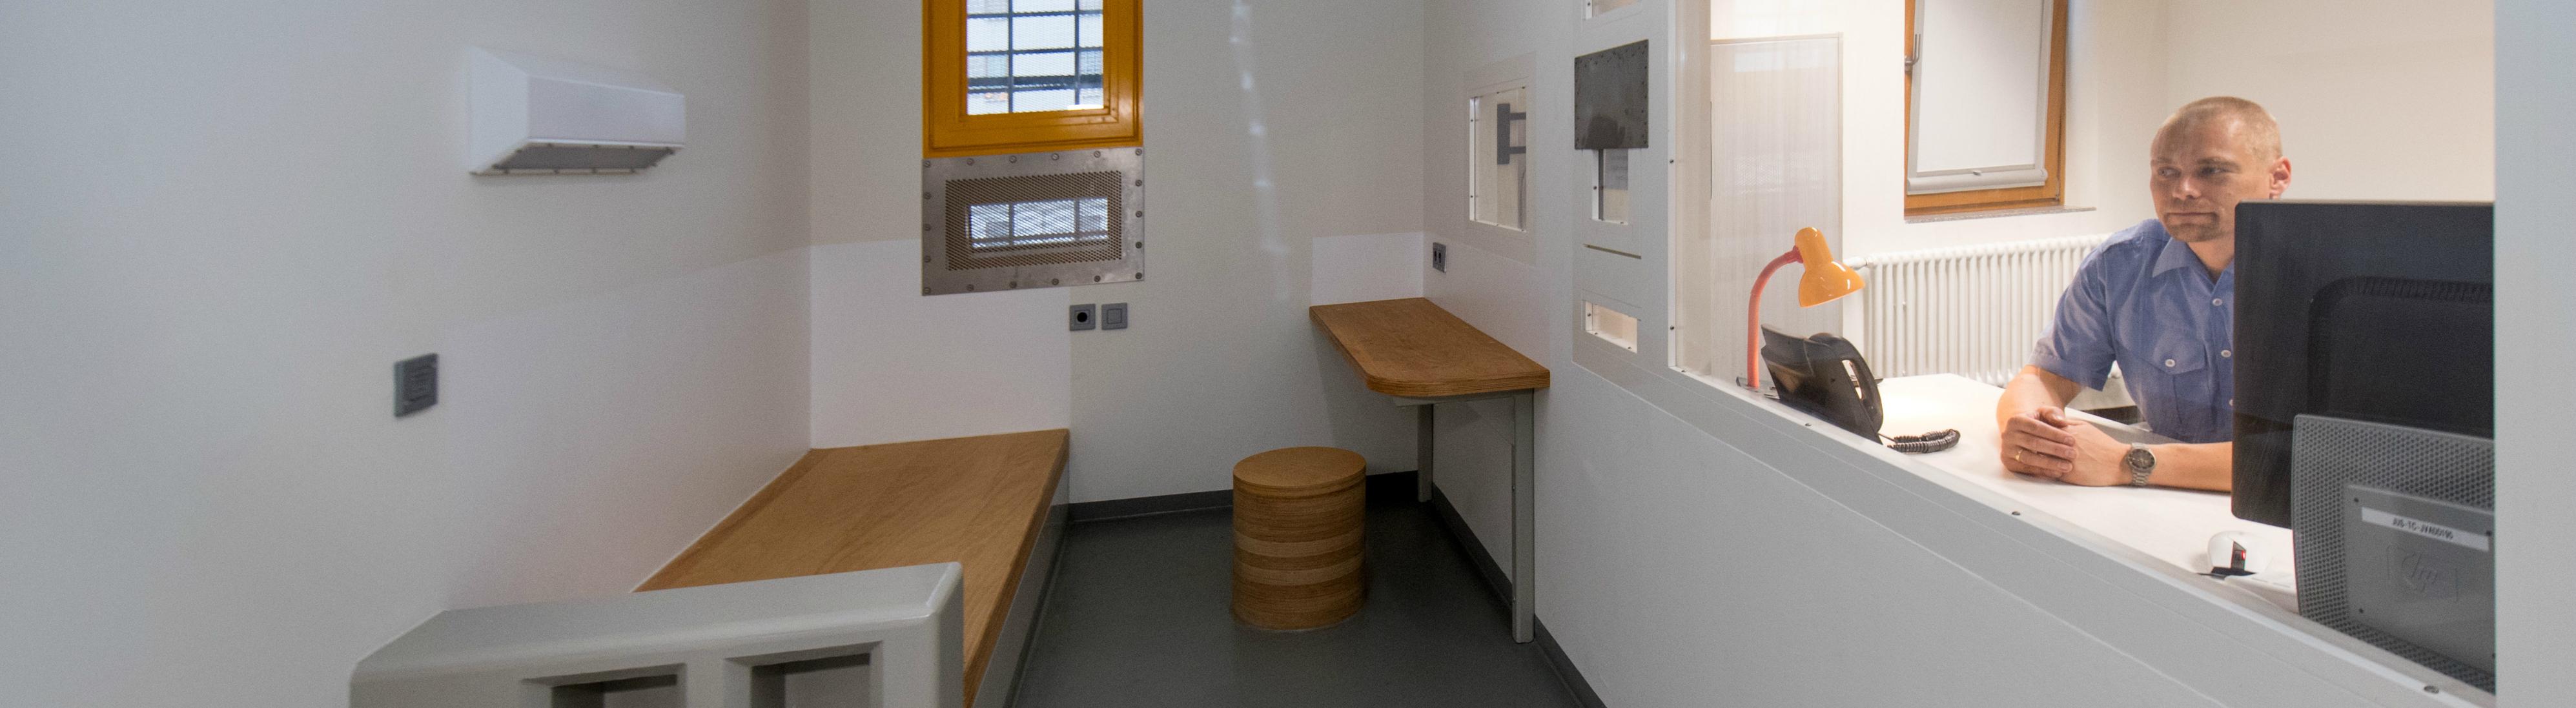 Ein Justizbeamter sitzt hinter der Scheibe und blickt in den gitterlosen Haftraum in der JVA Dresden.